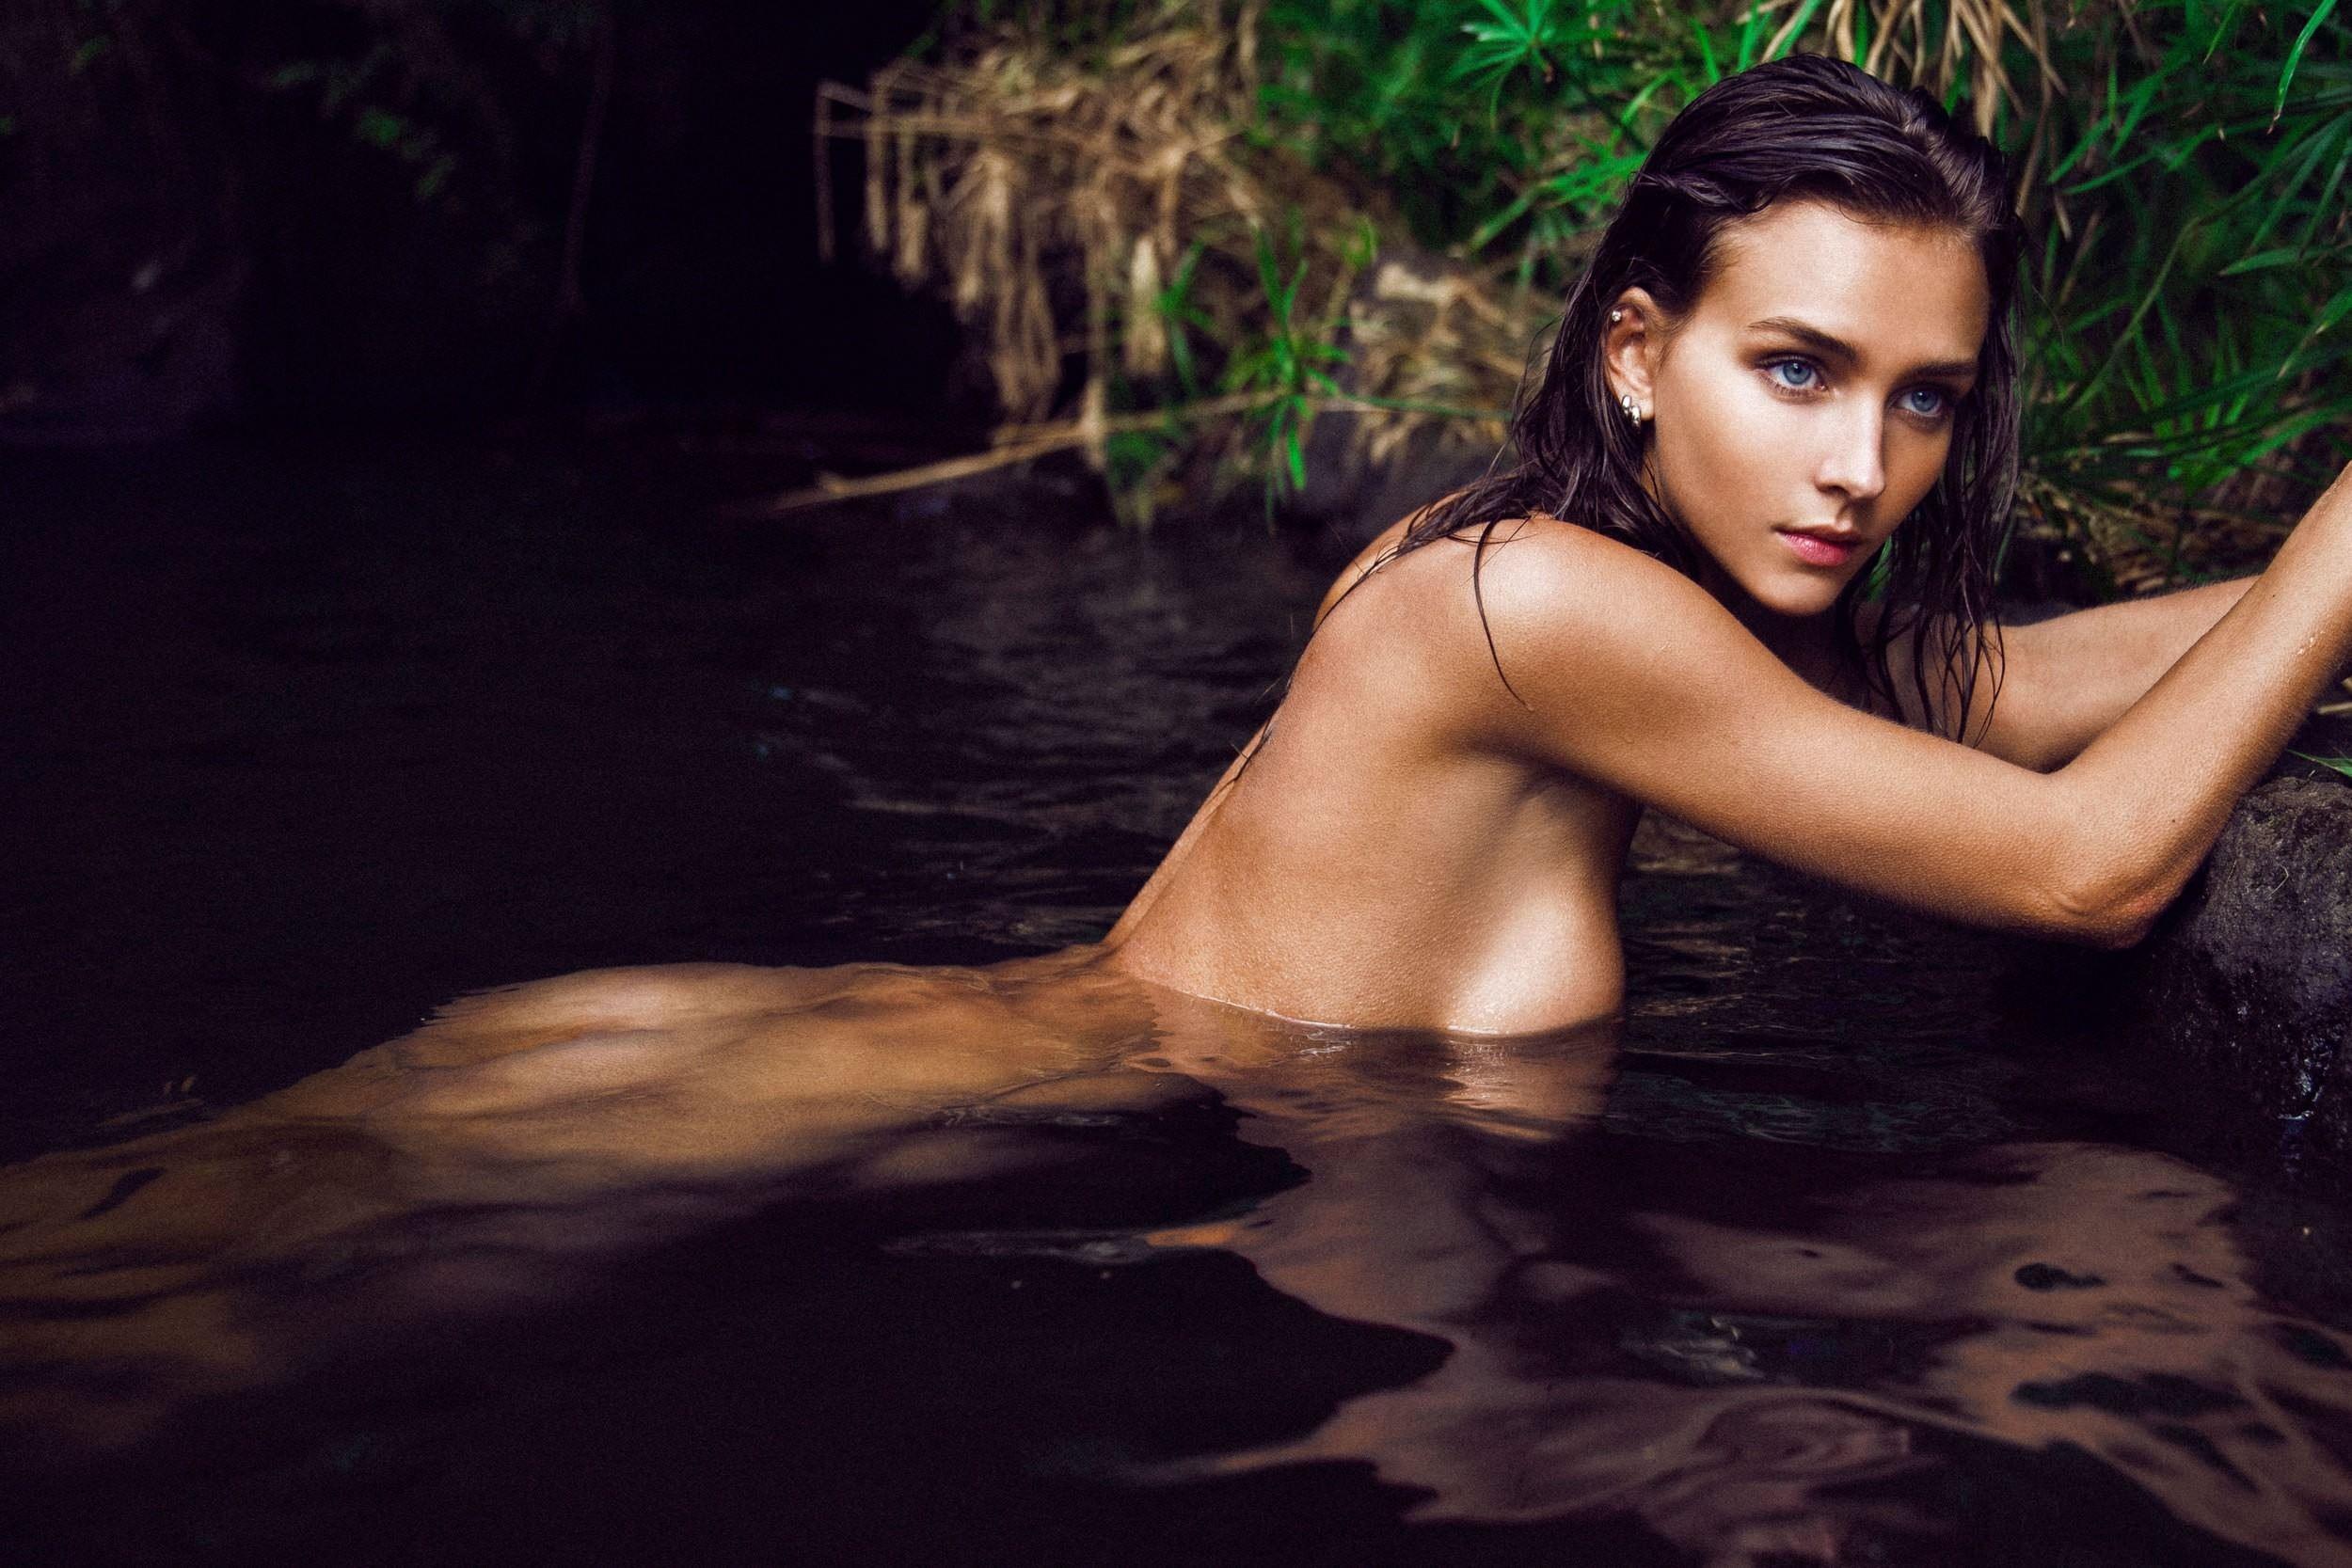 Фото Голая девушка в купается в пруду, обнаженная молодая девчонка в воде, голая девка в болоте, скачать картинку бесплатно